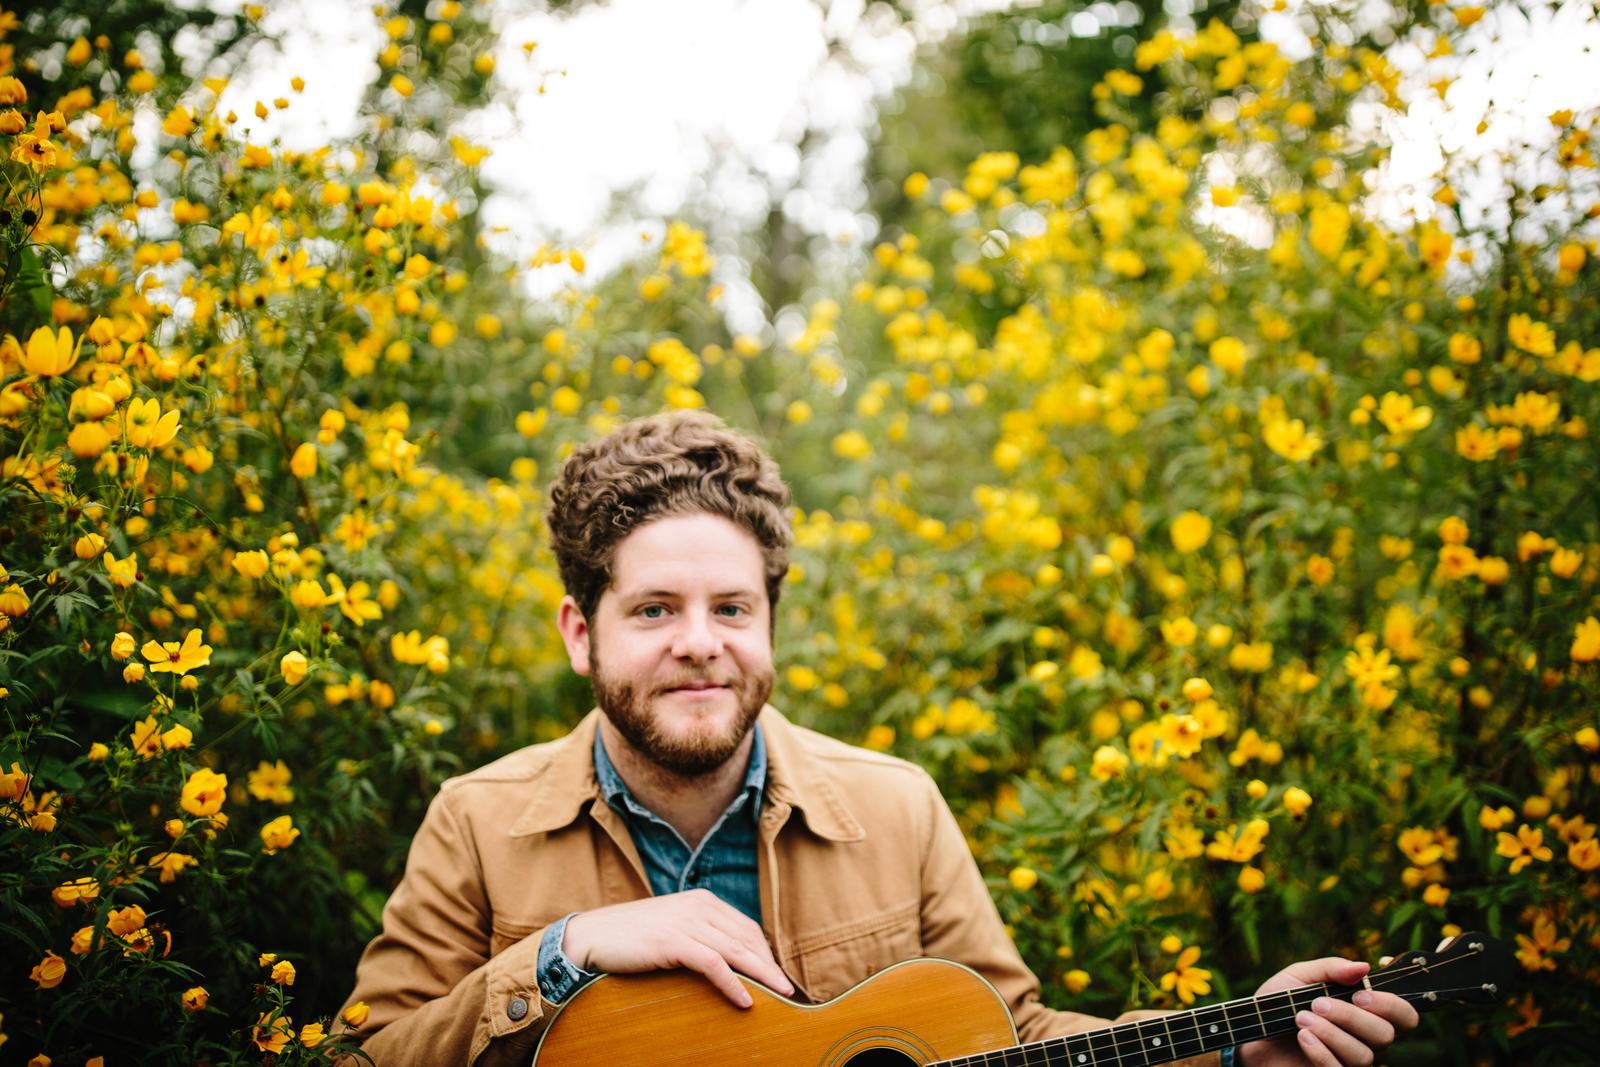 Josh Lovelace in field with guitar